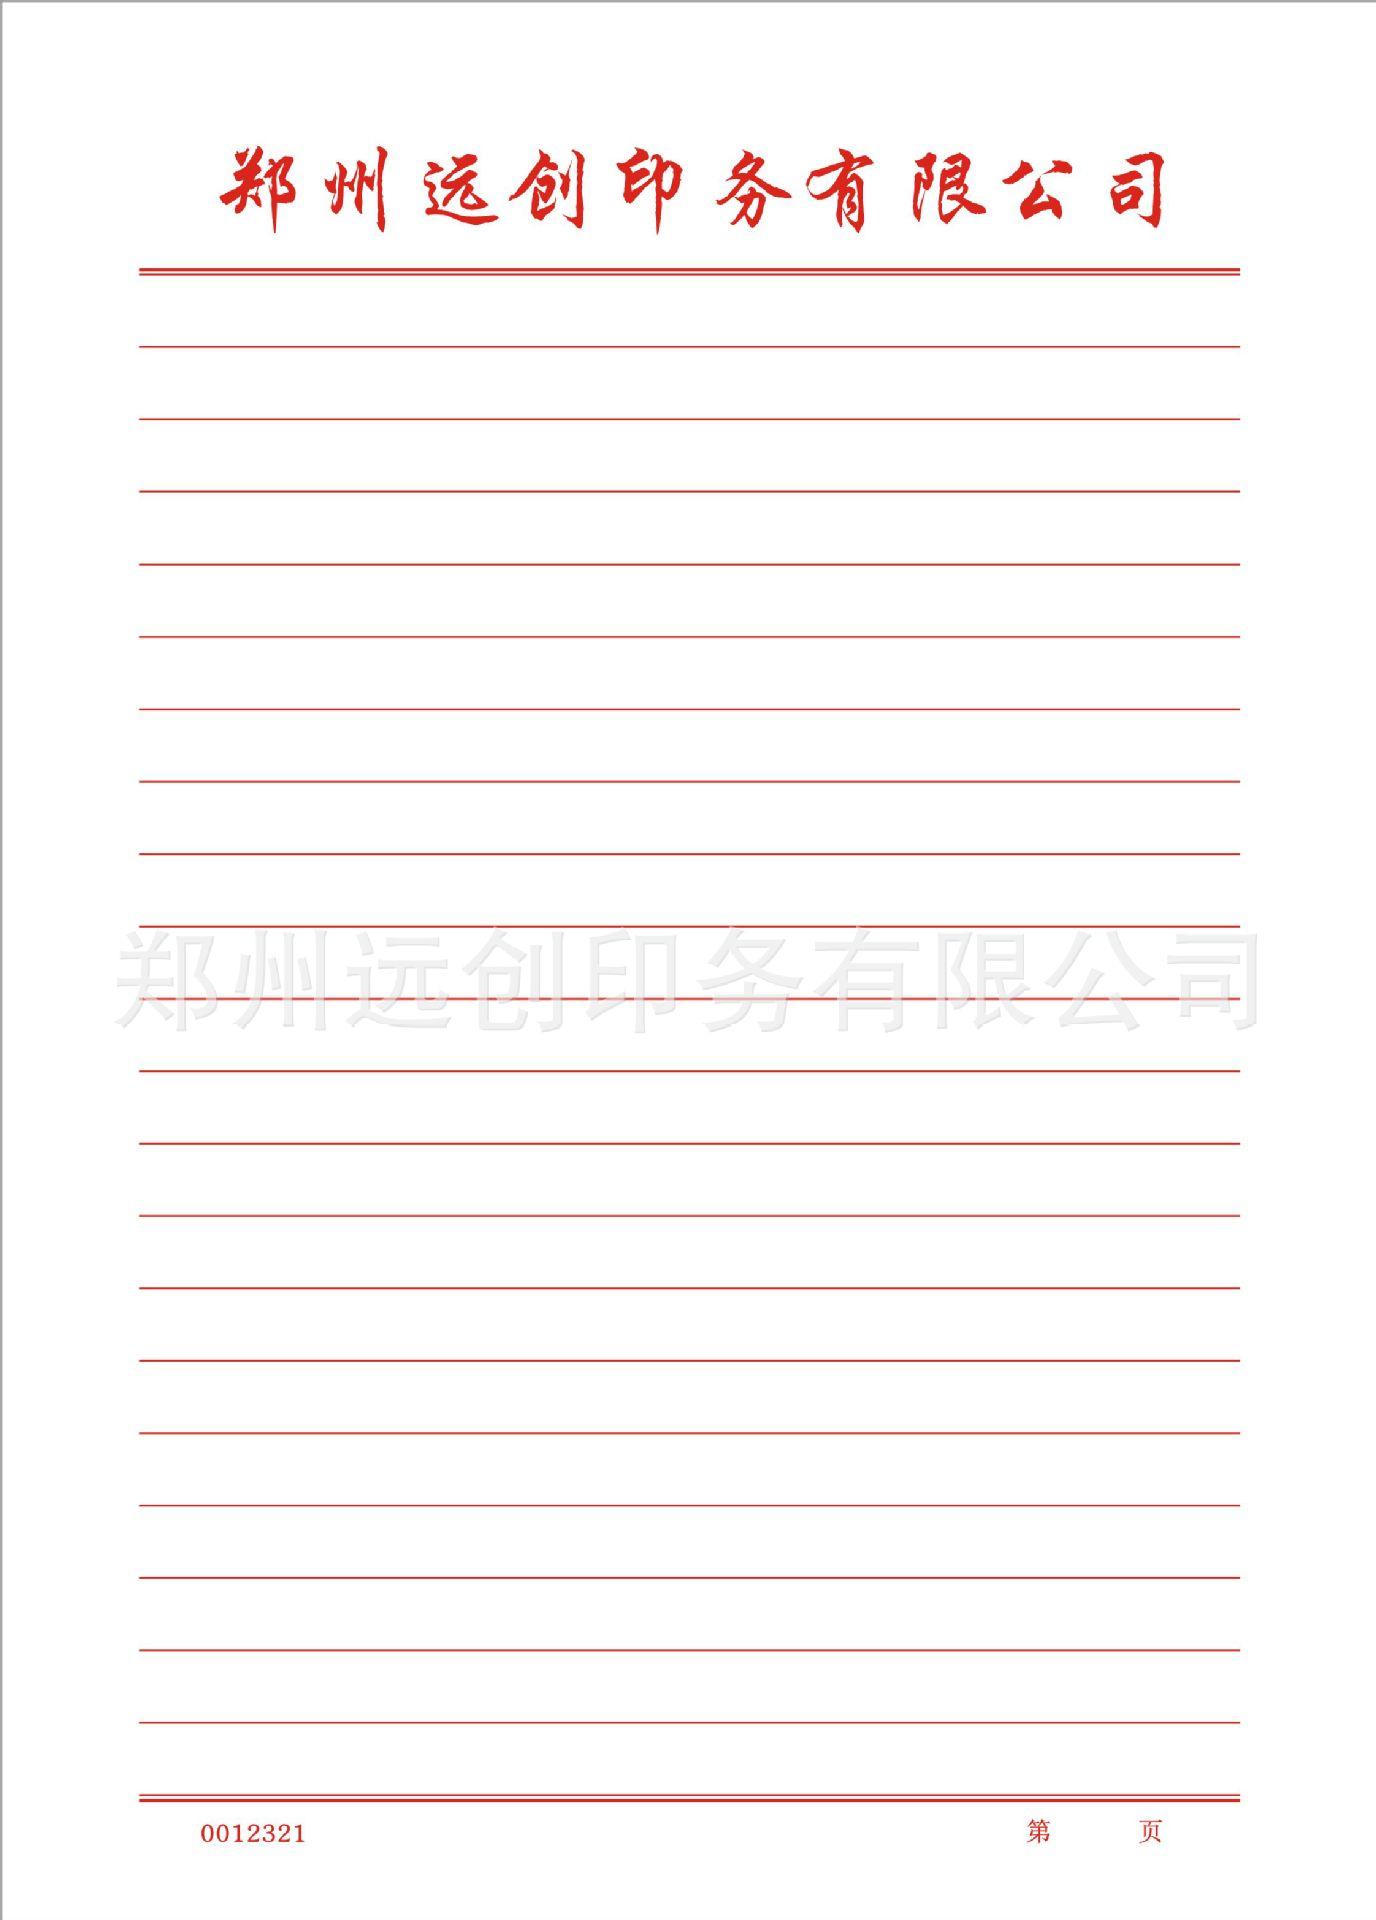 70g双胶纸稿纸信纸双线信纸方格信纸单线大陈懿杰室内设计图片